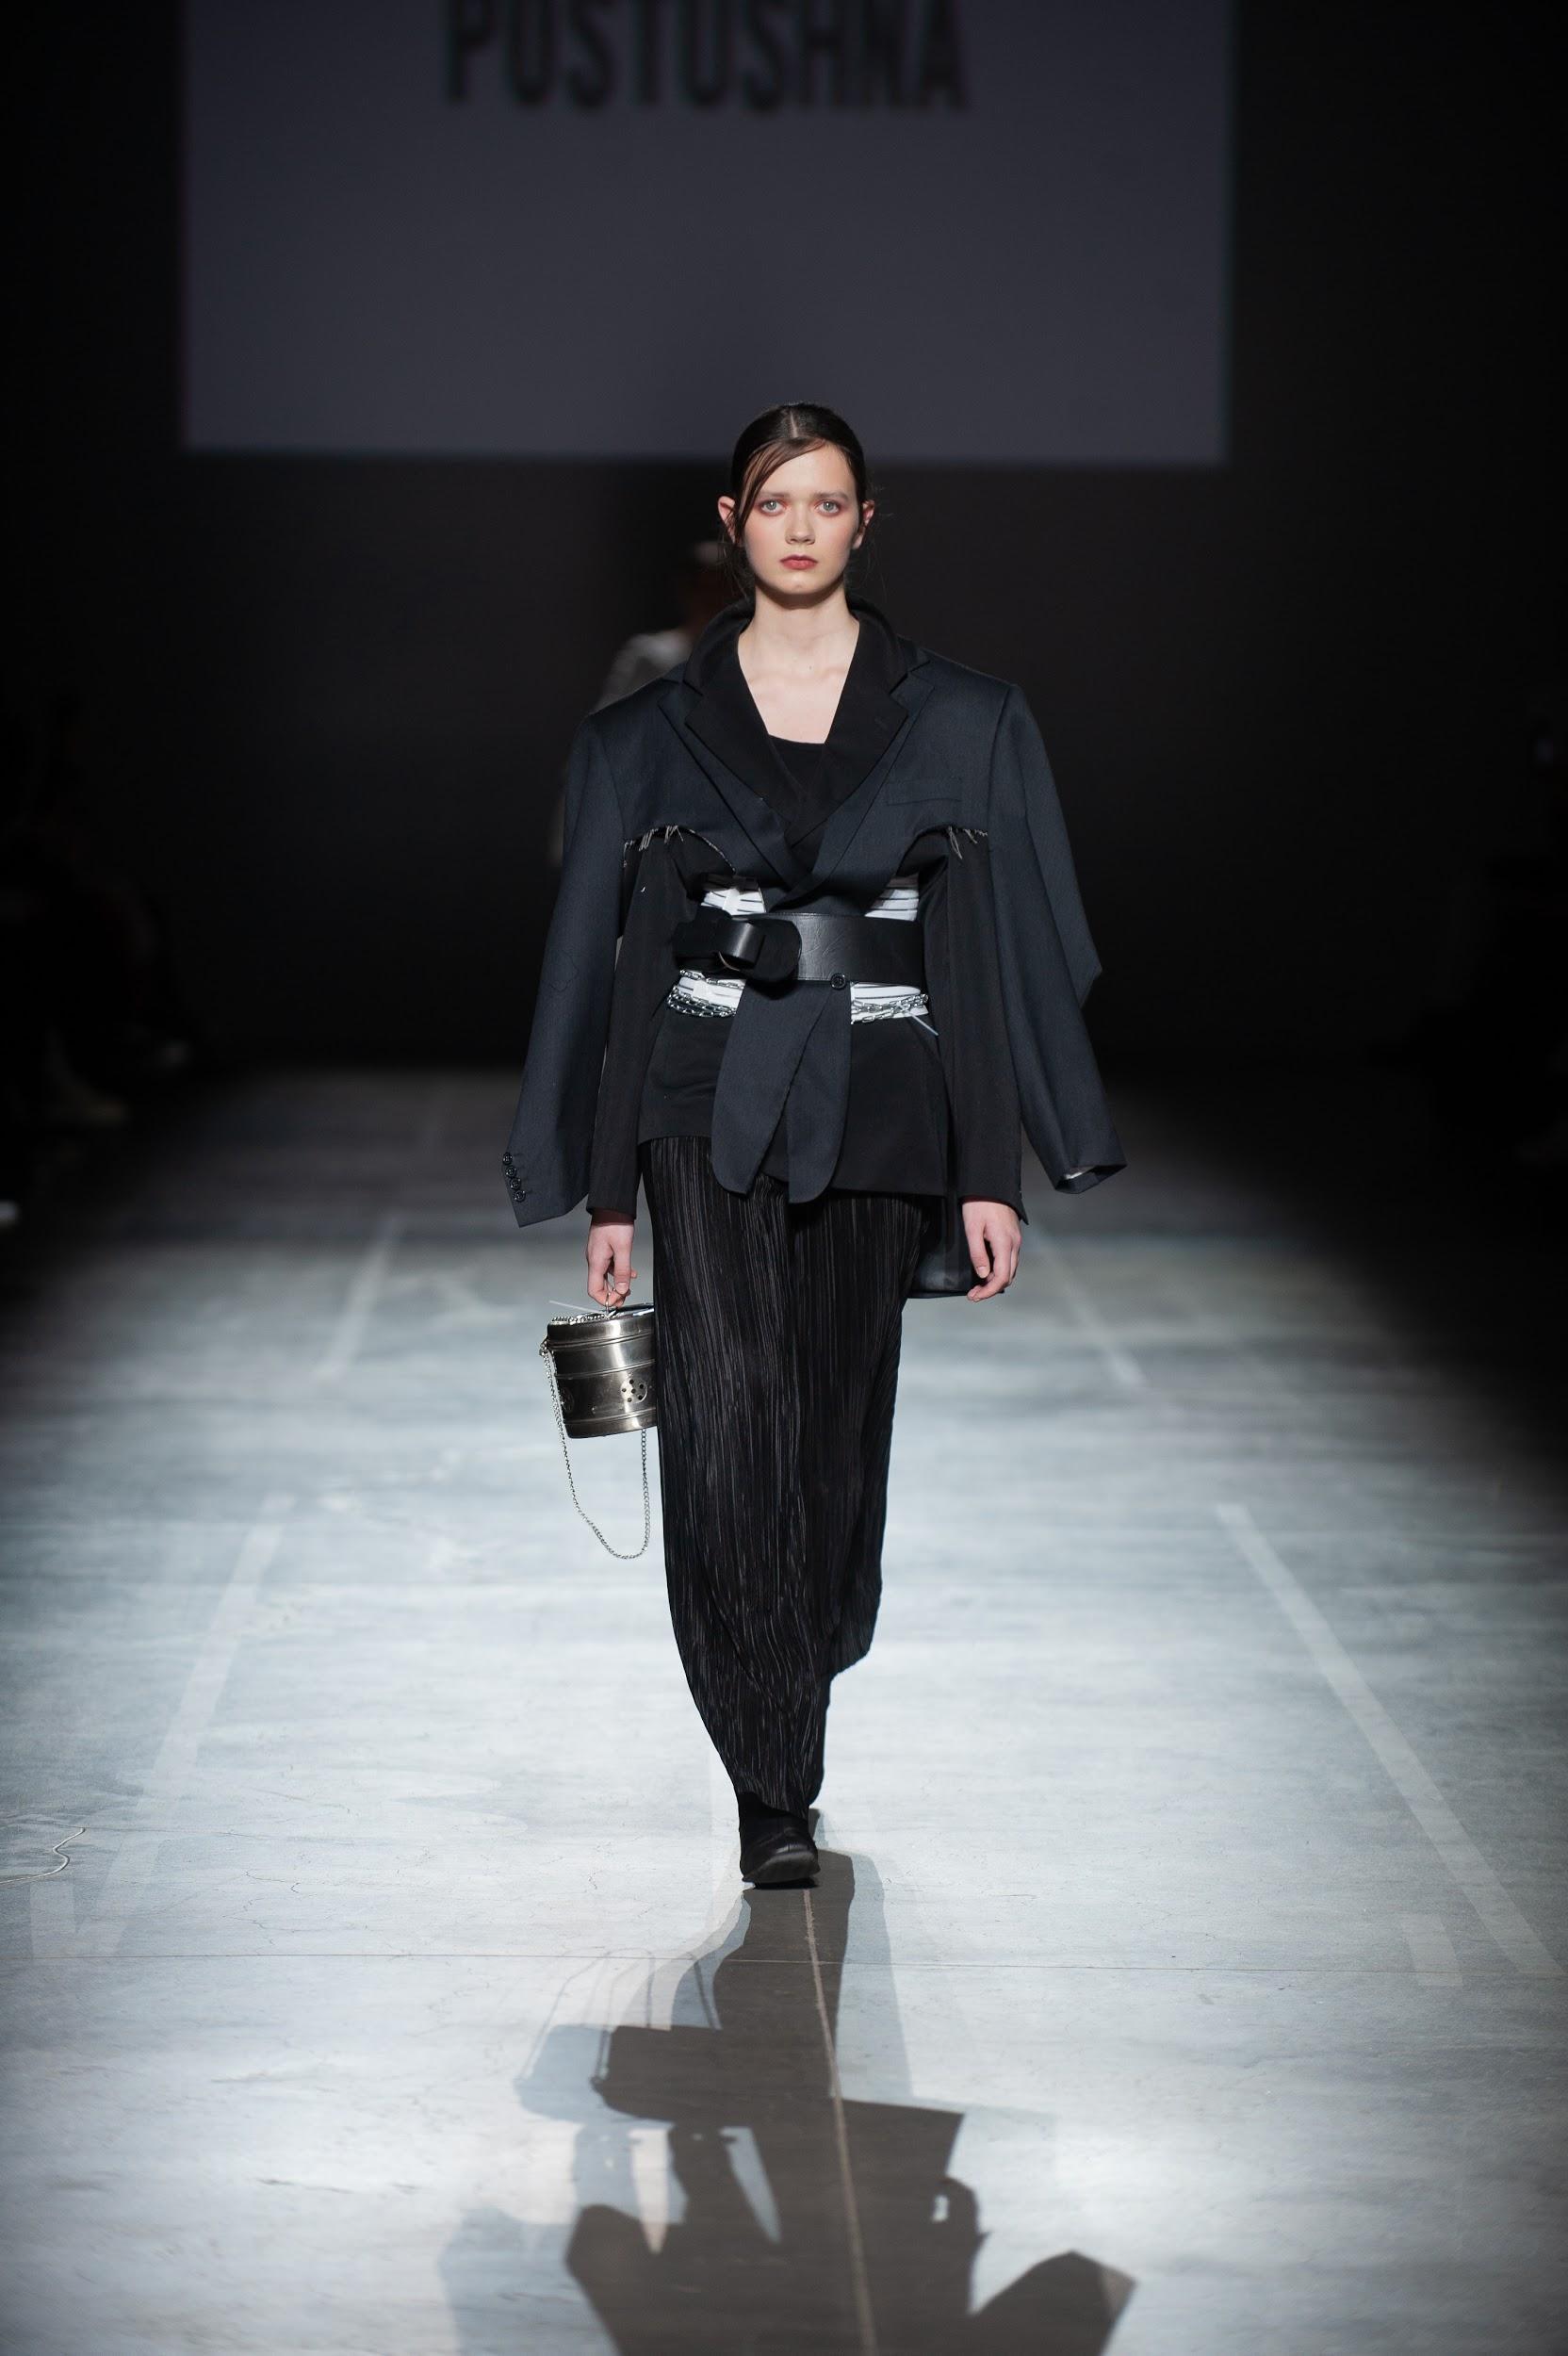 многослойный пиджак и брюки Postushna